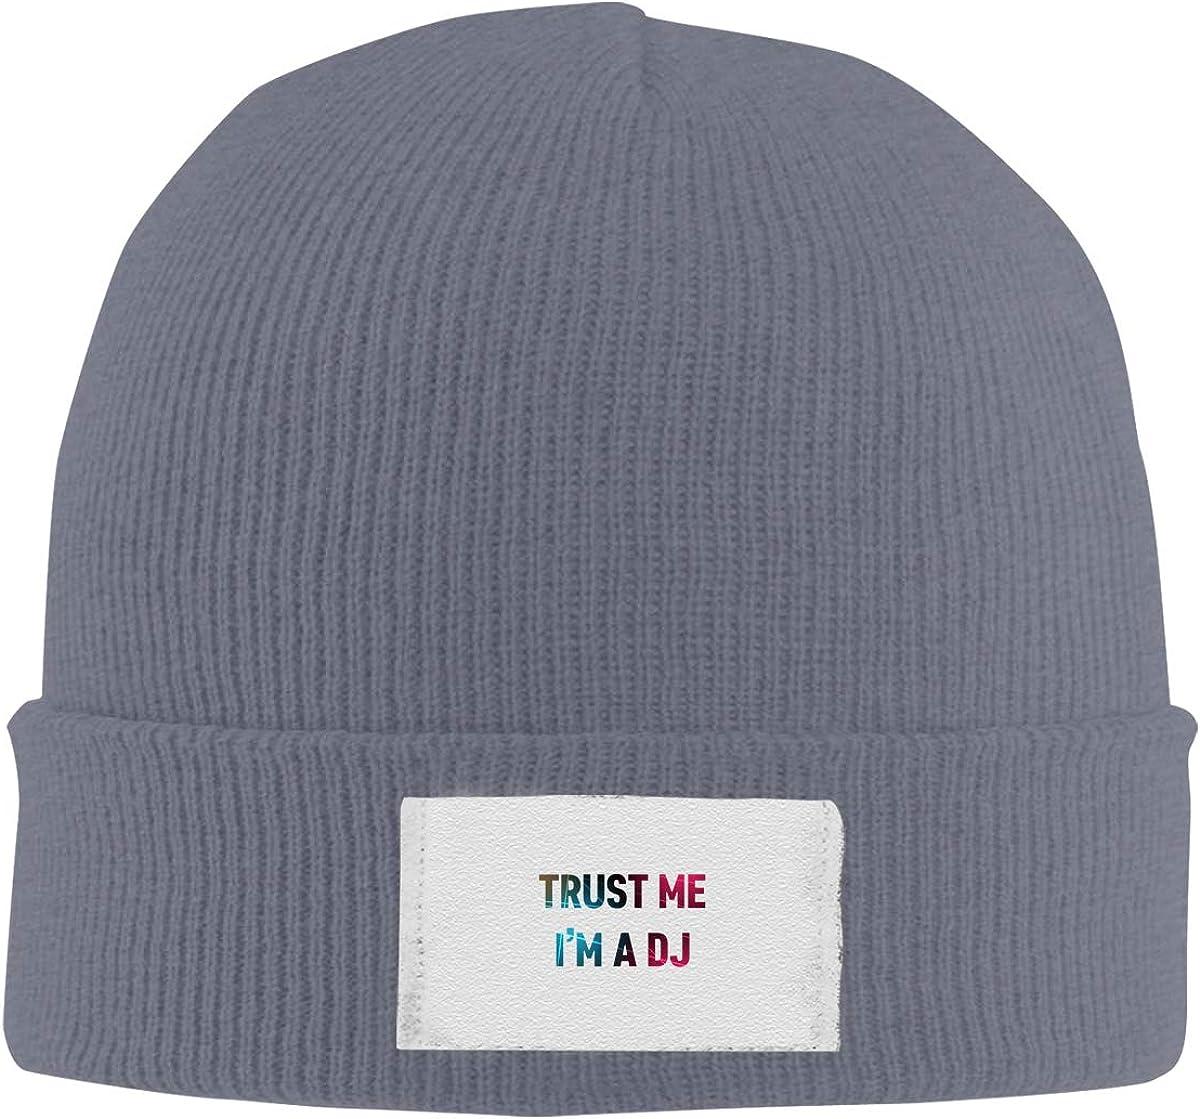 Dunpaiaa Skull Caps Trust Me Im The DJ Winter Warm Knit Hats Stretchy Cuff Beanie Hat Black